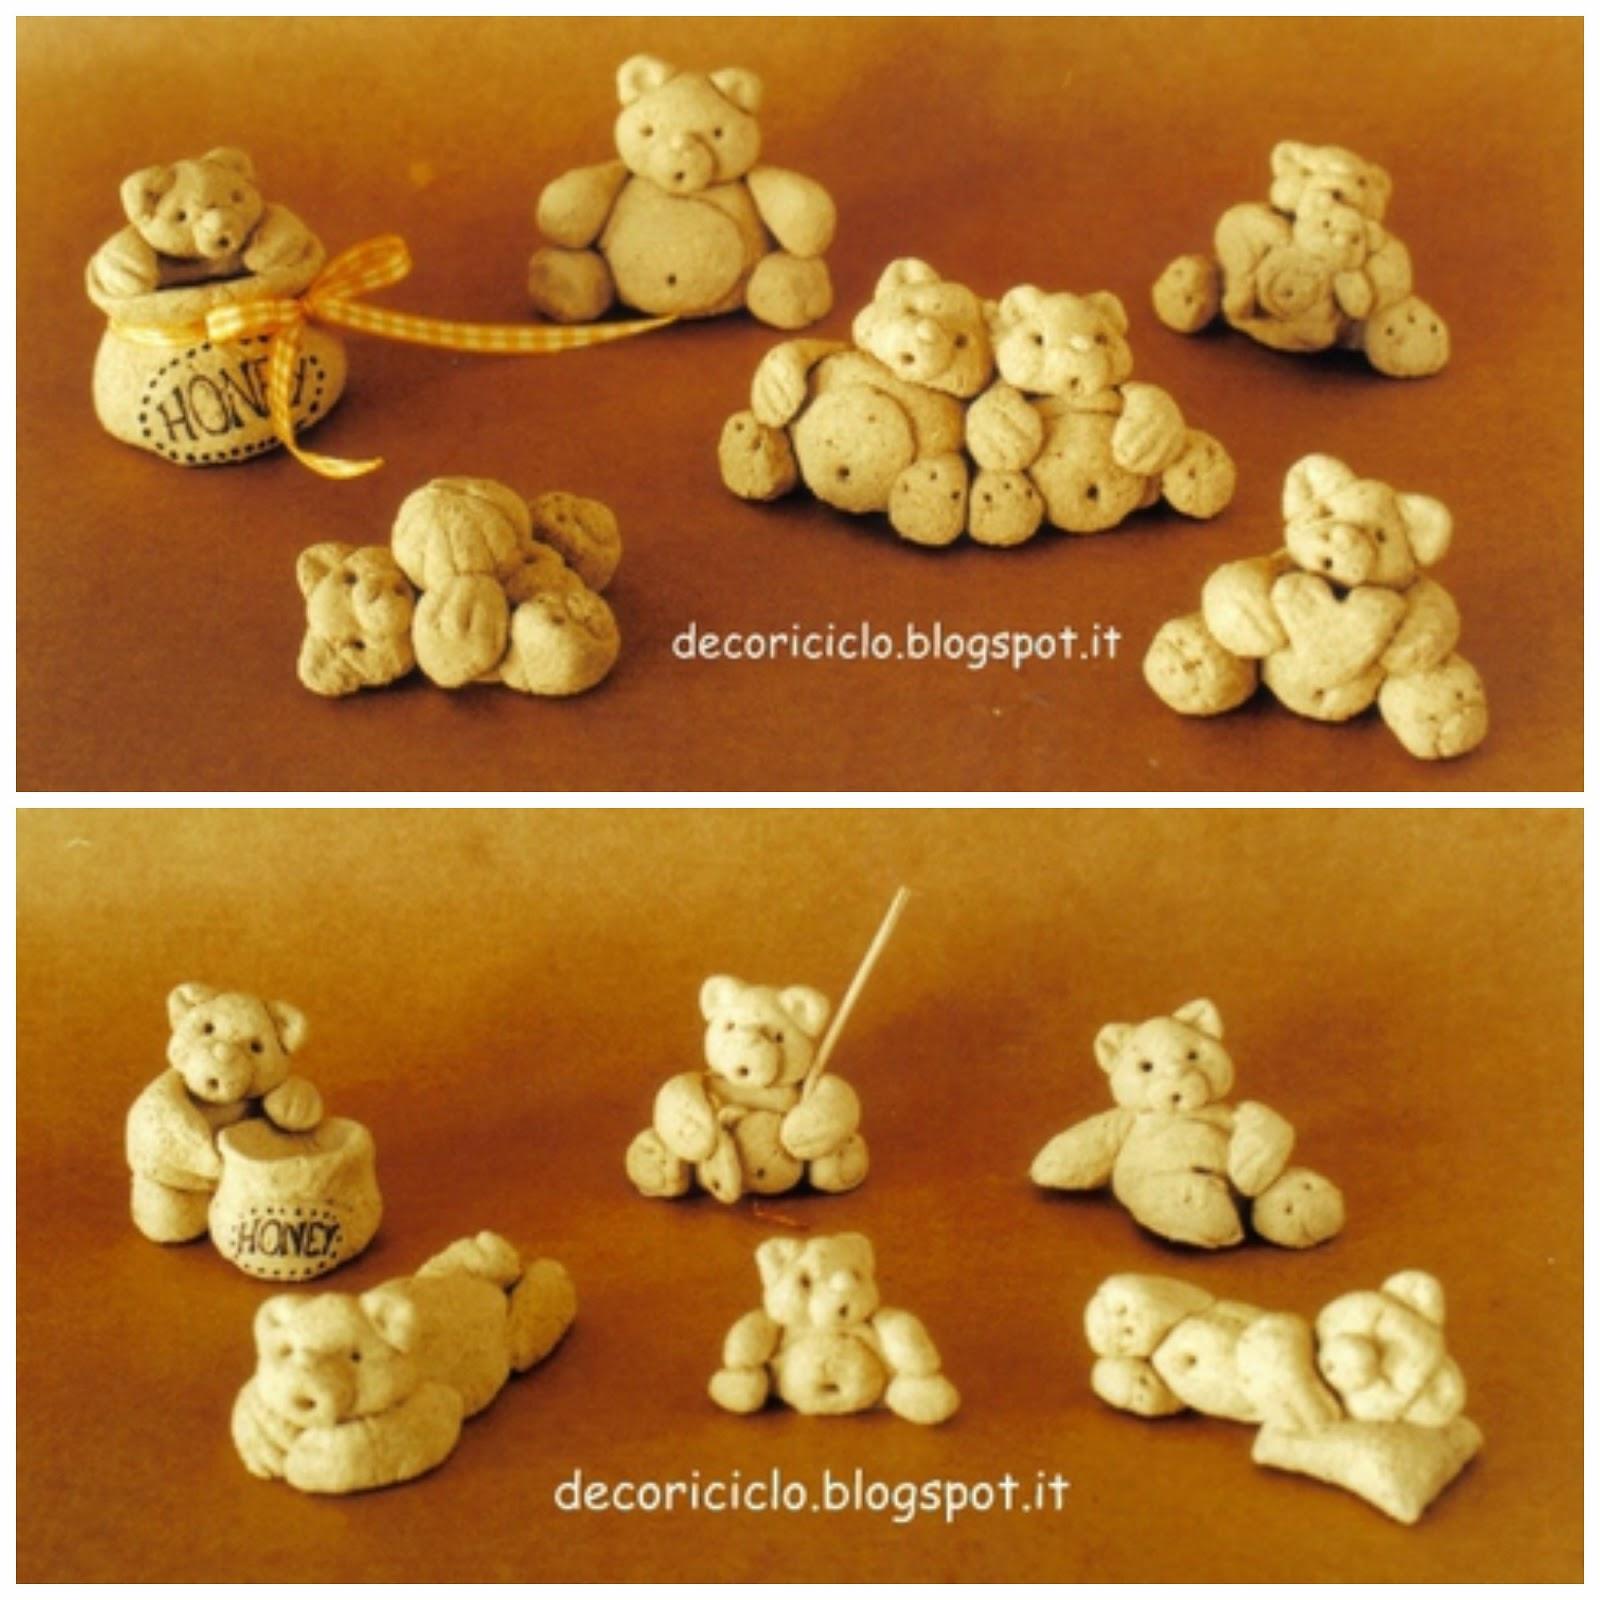 http://decoriciclo.blogspot.it/2013/03/ricetta-per-la-pasta-di-legno.html